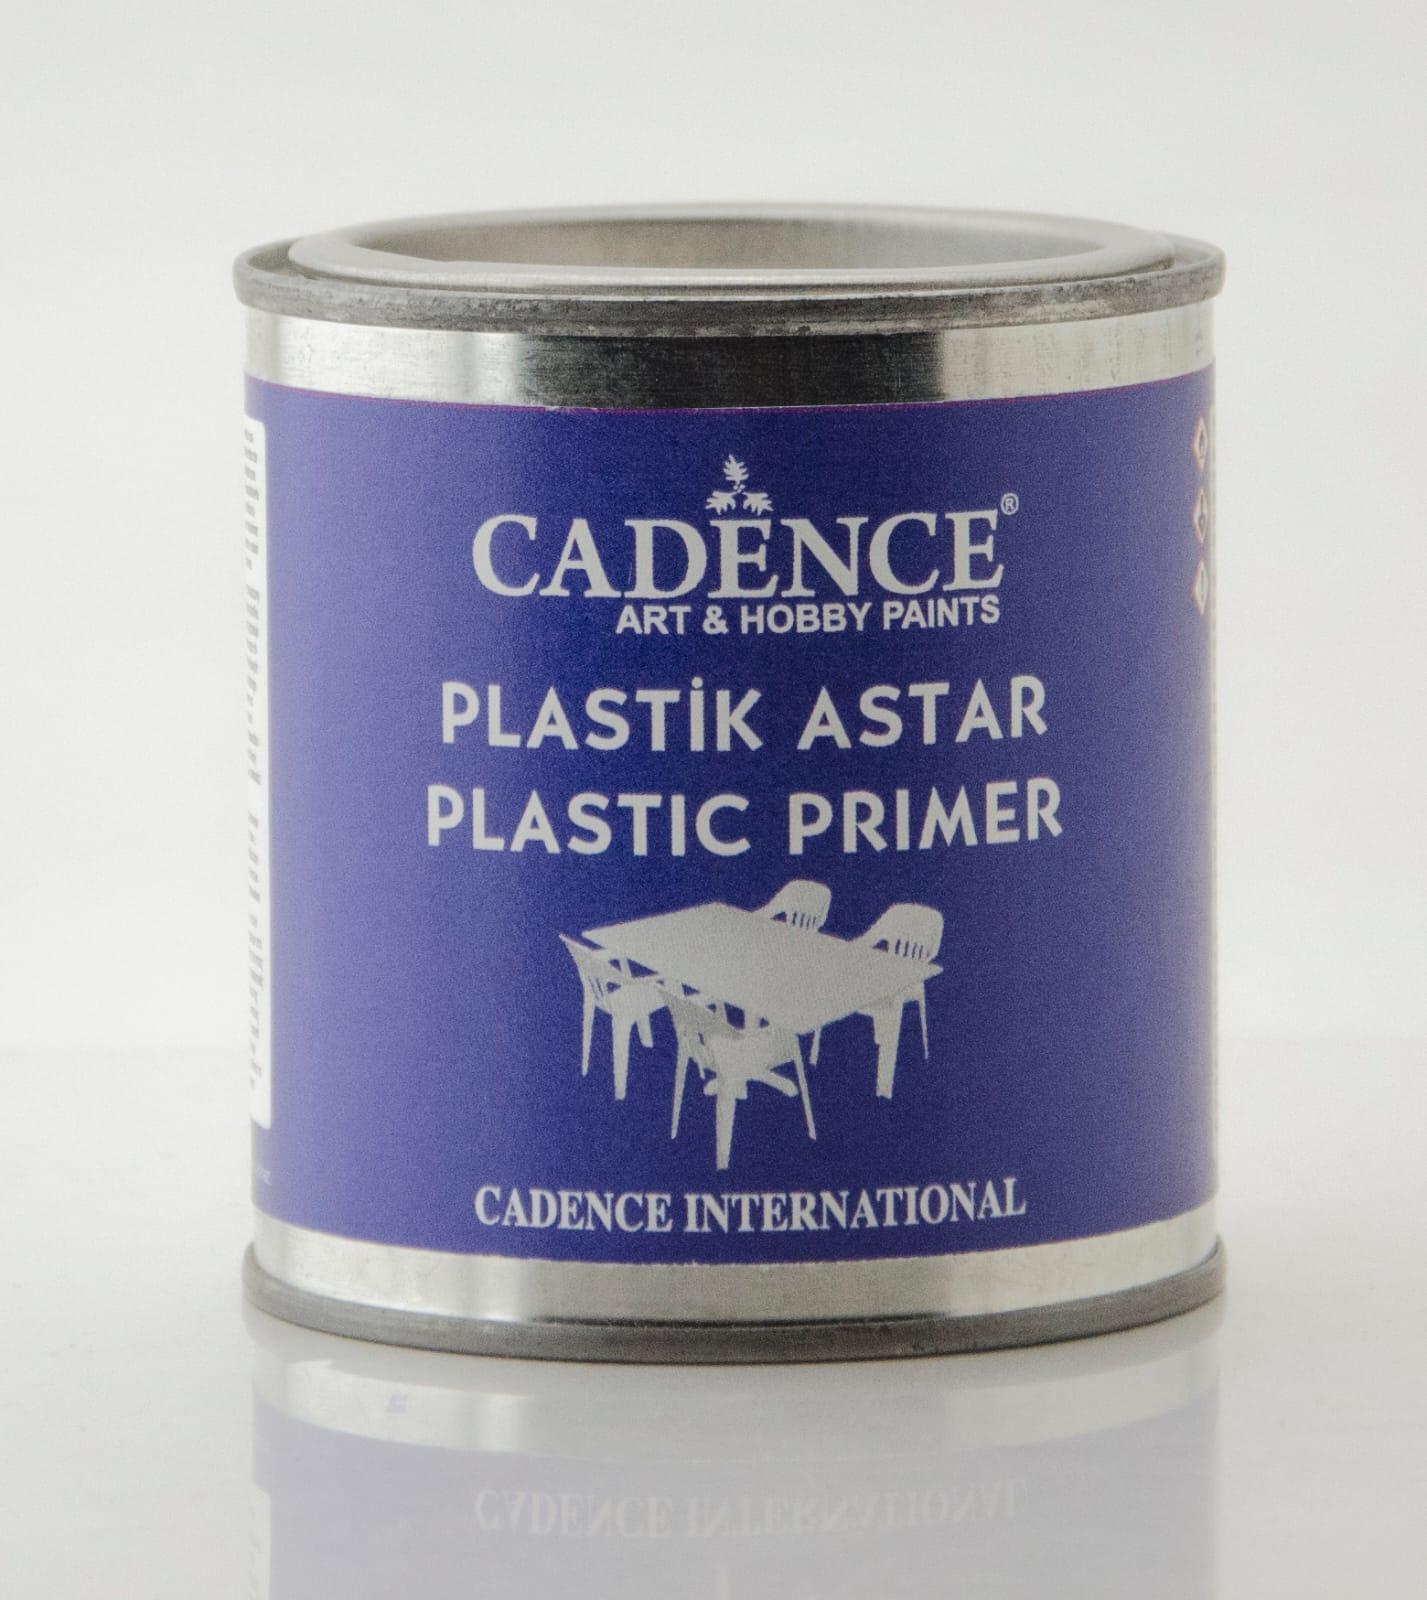 Cadence Plastik Astar | Cadence Plastik Astar | Cadence Plastıc Primer